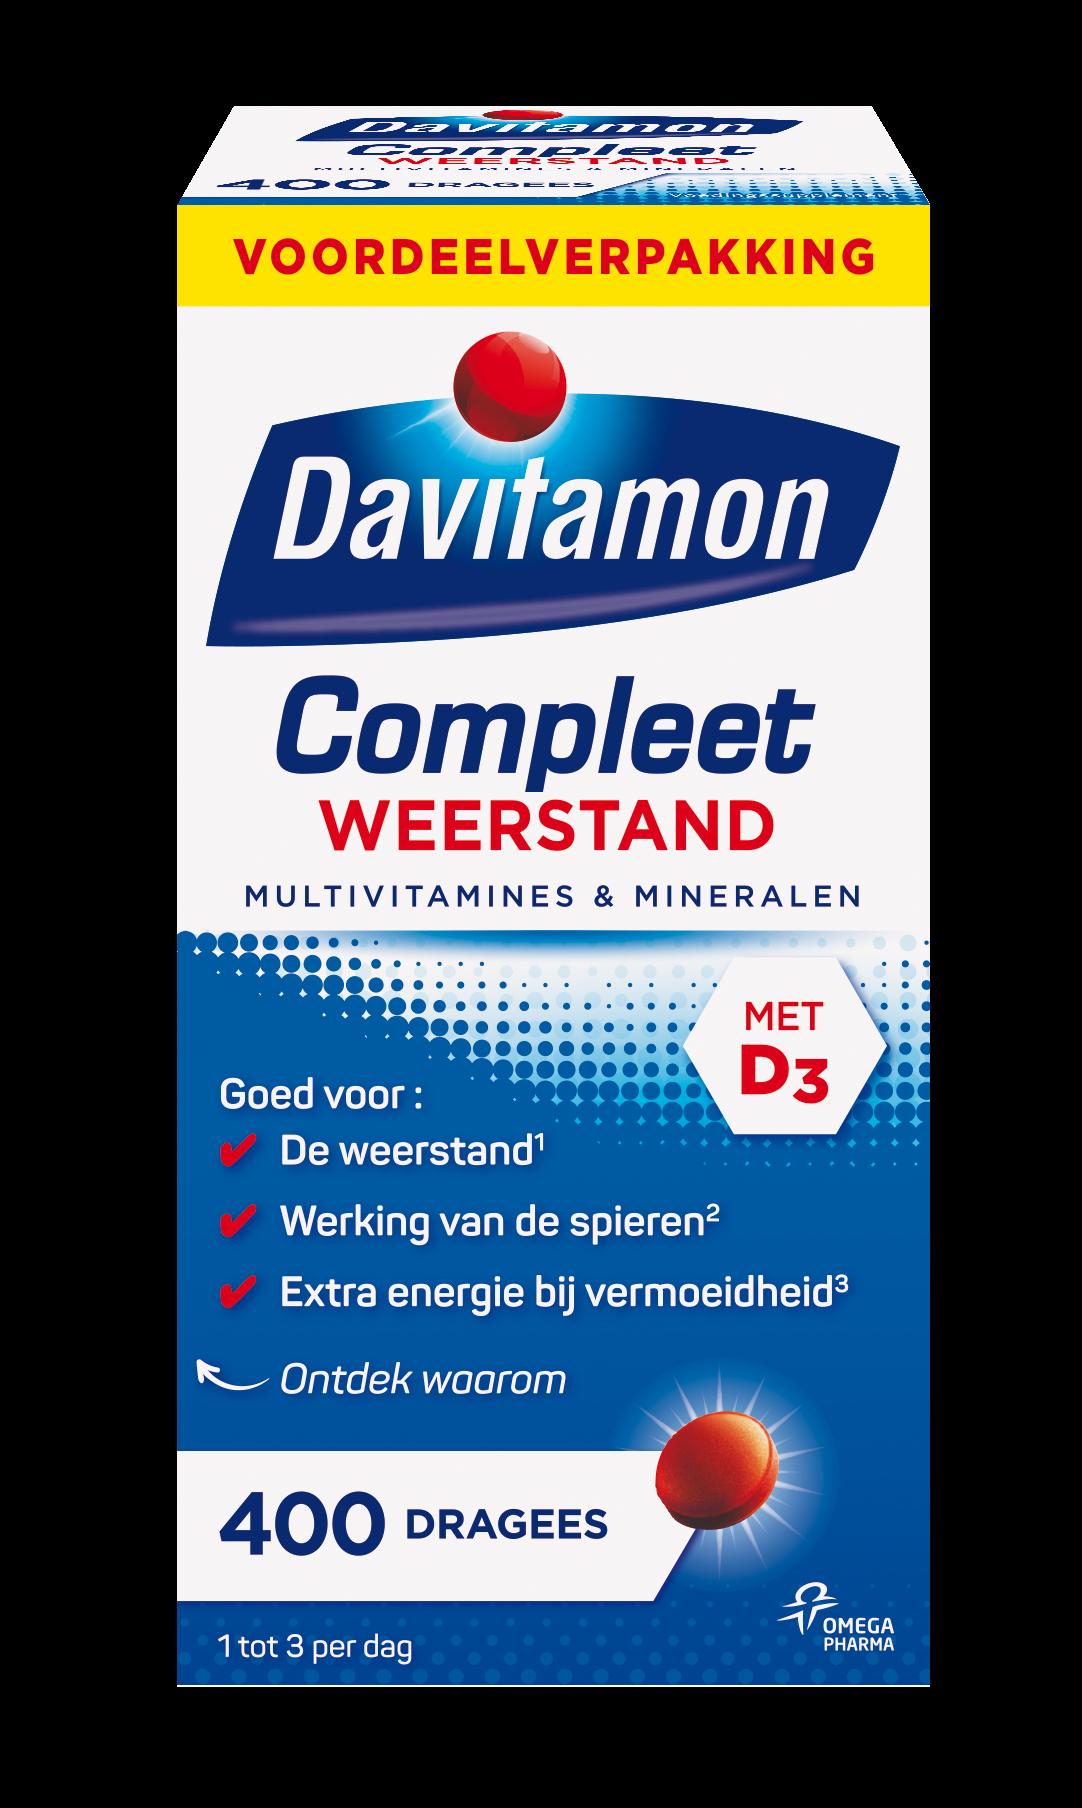 Davitamon Compleet Weerstand Voordeel Dragees Verpakking